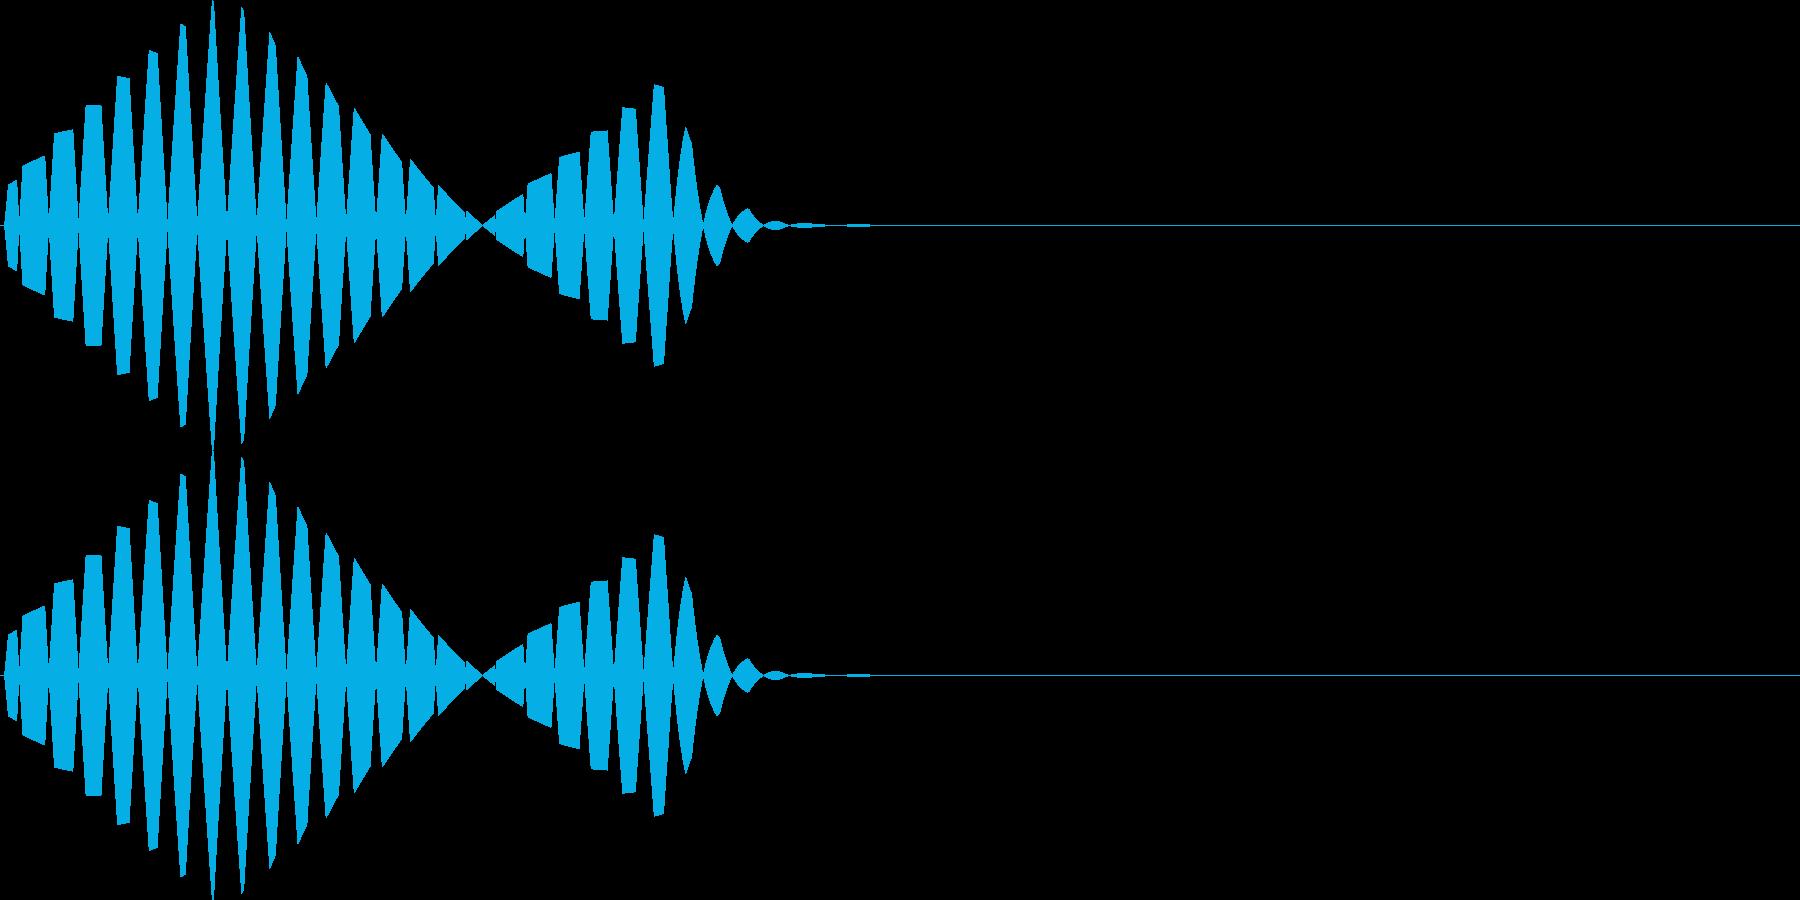 ピロ低音(カーソル移動 表示 決定)の再生済みの波形